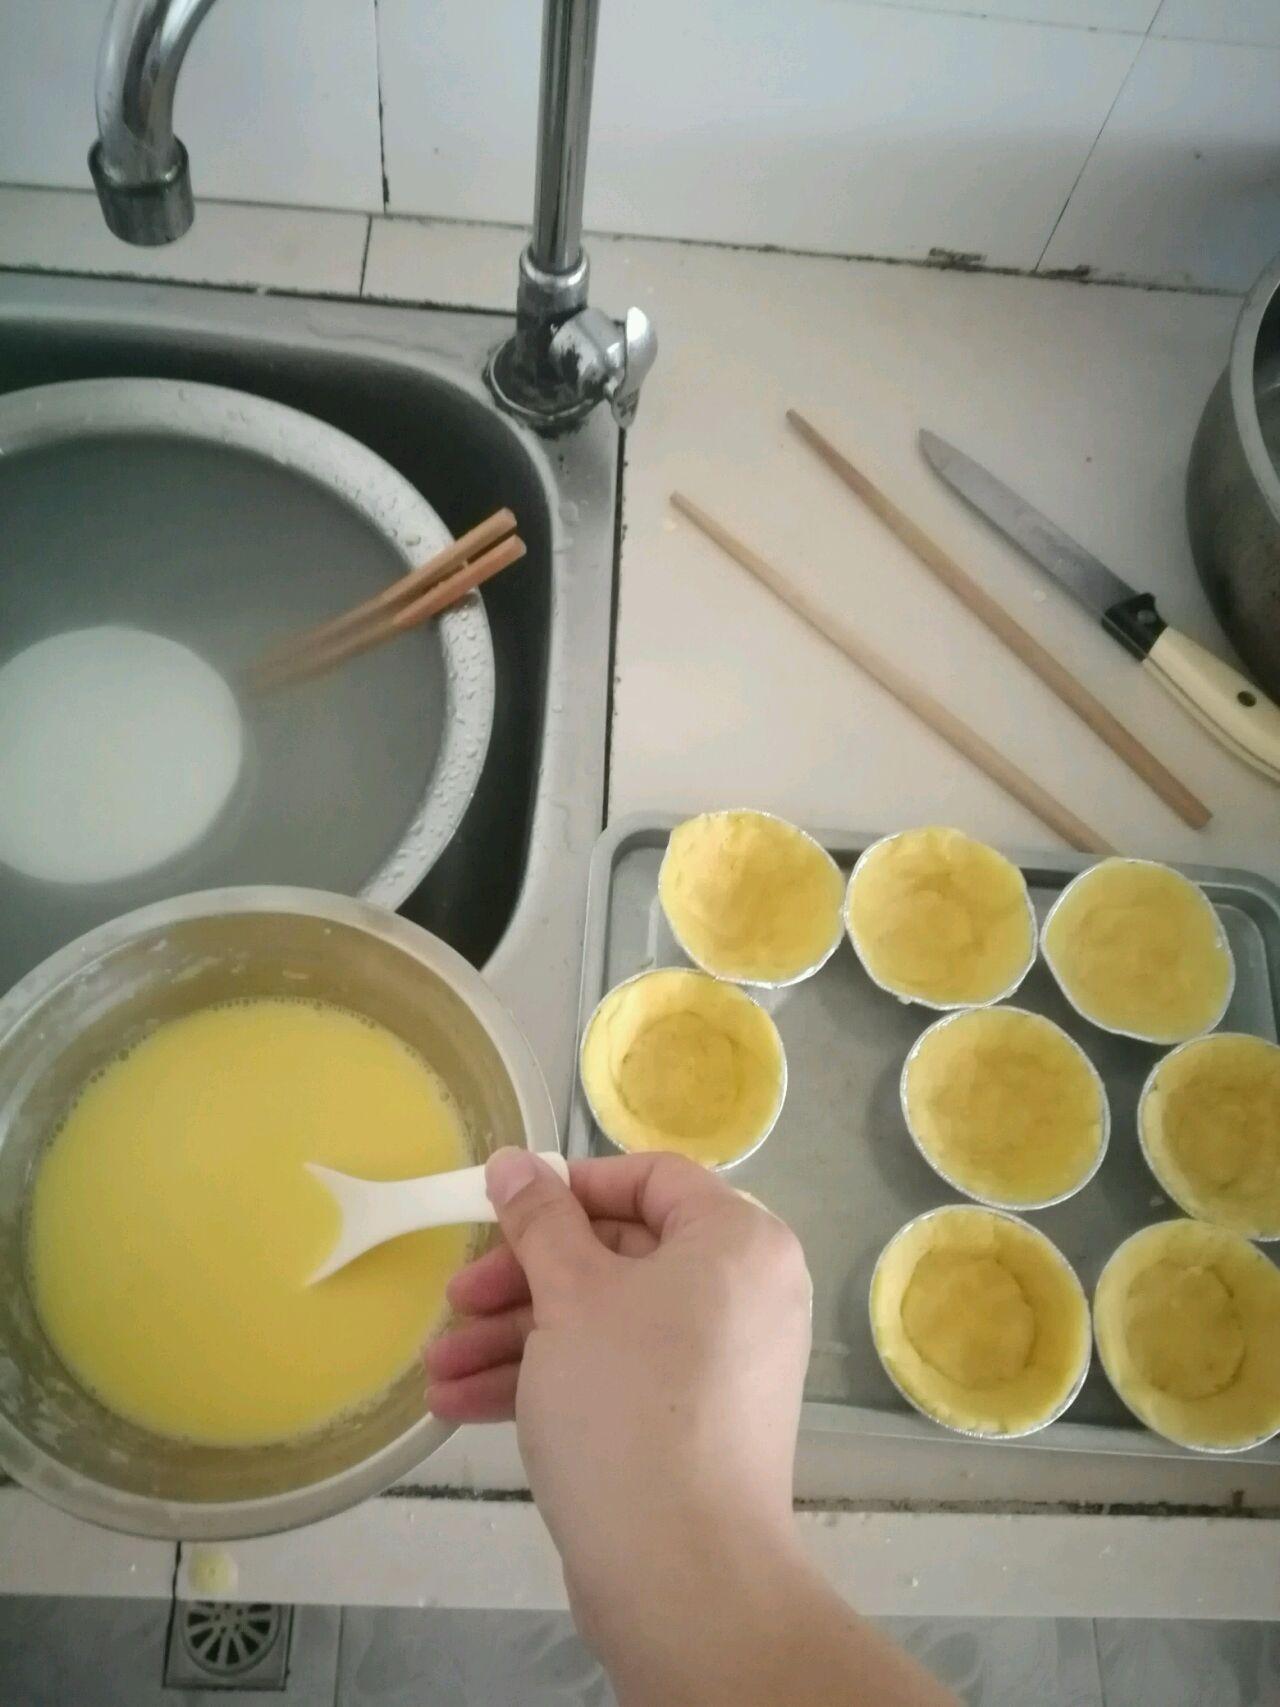 步骤简单详细制作蛋挞(含蛋挞皮和蛋挞水制作方法)